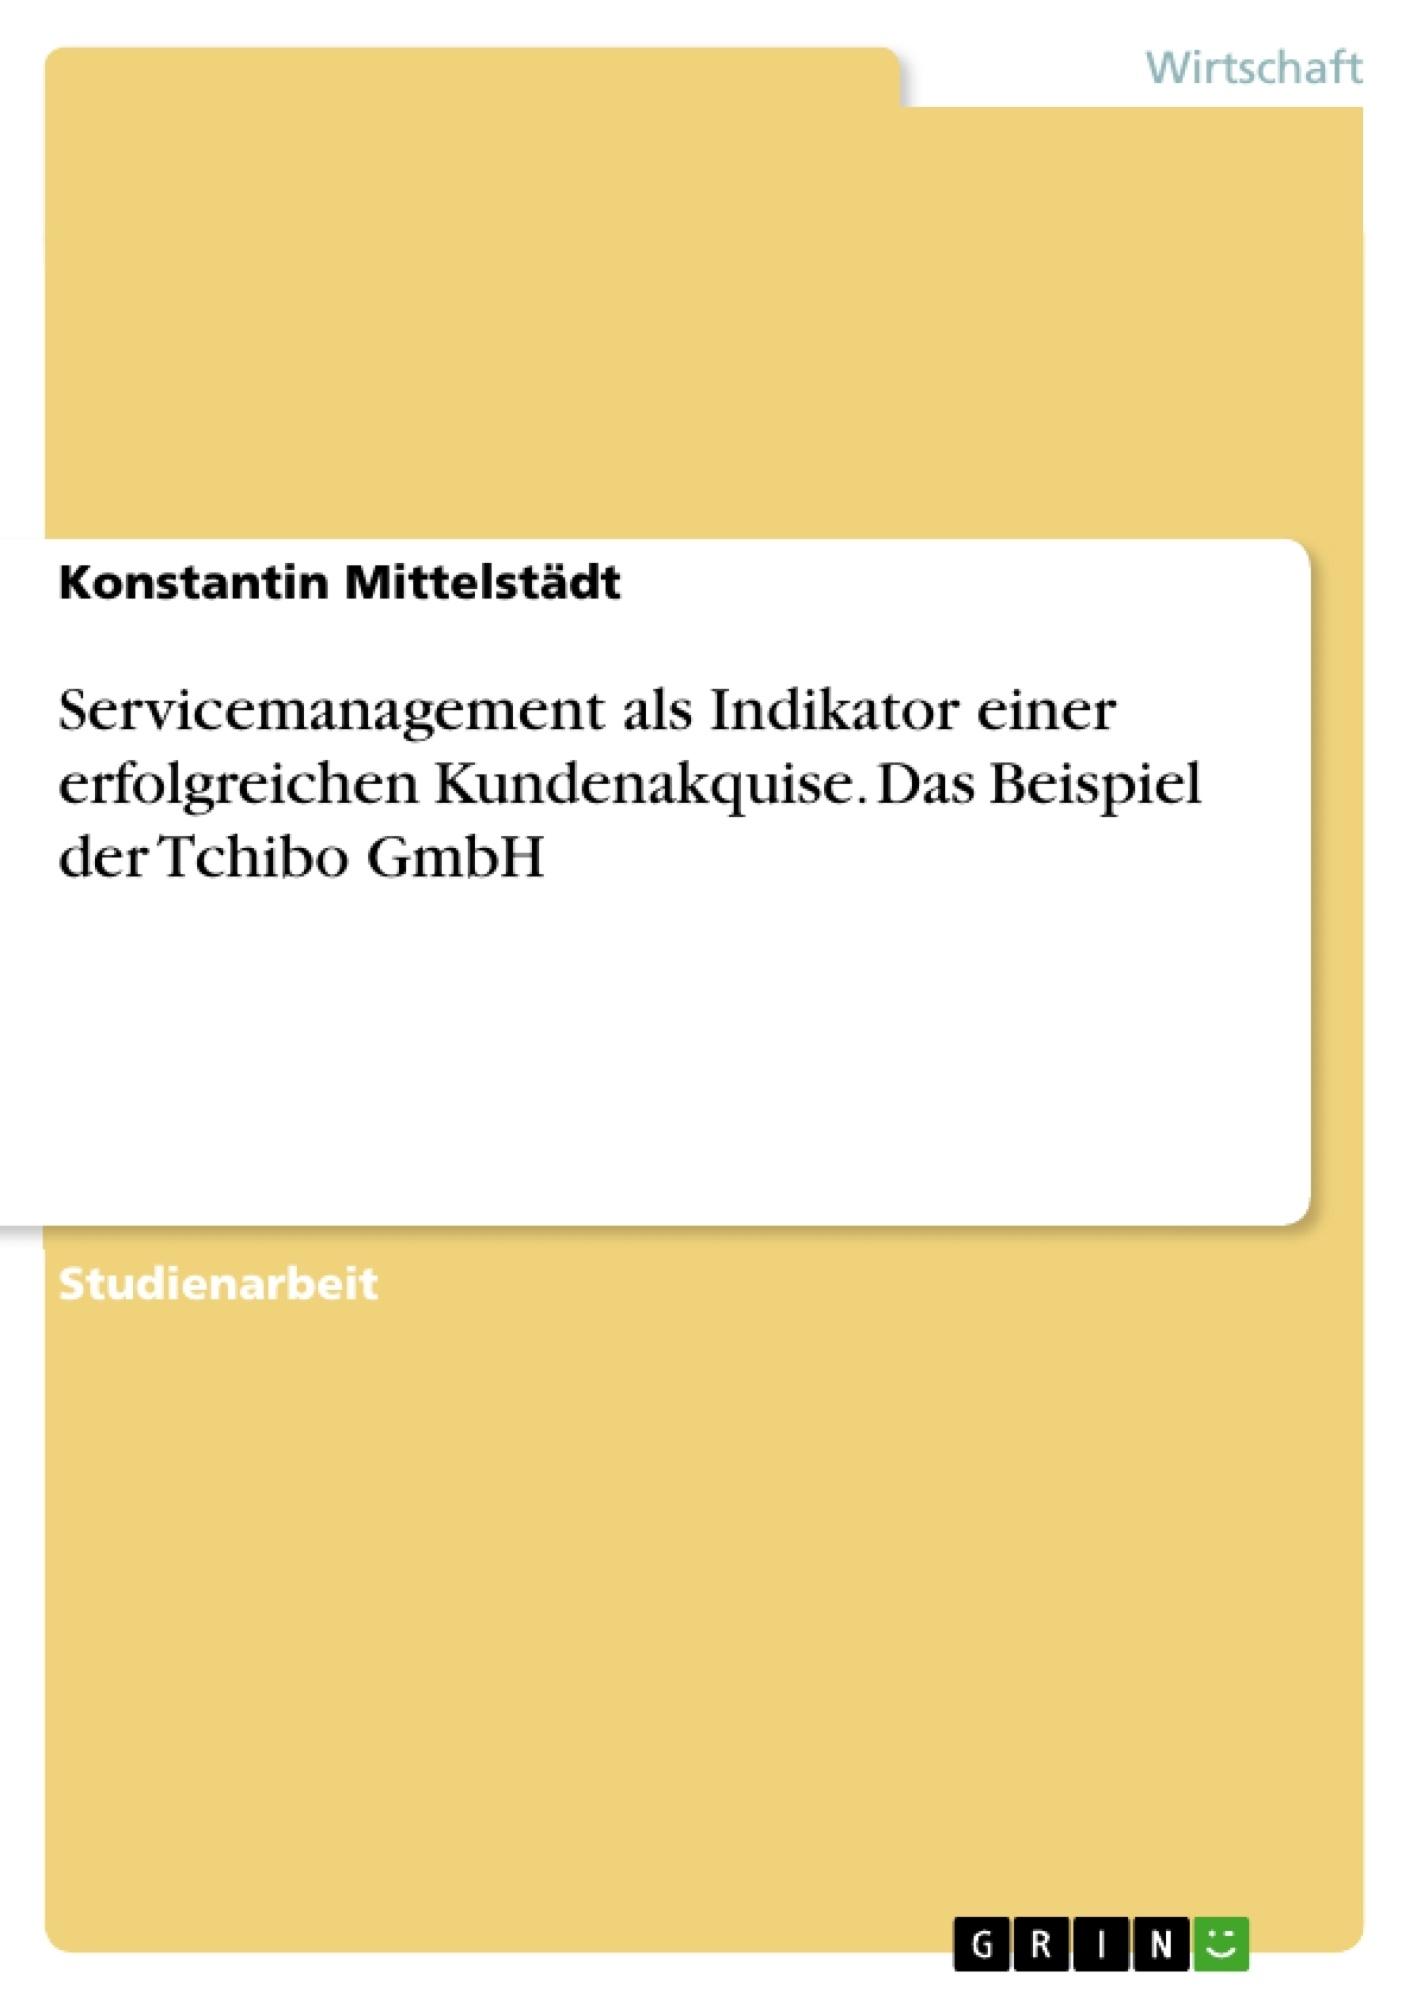 Titel: Servicemanagement als Indikator einer erfolgreichen Kundenakquise. Das Beispiel der Tchibo GmbH